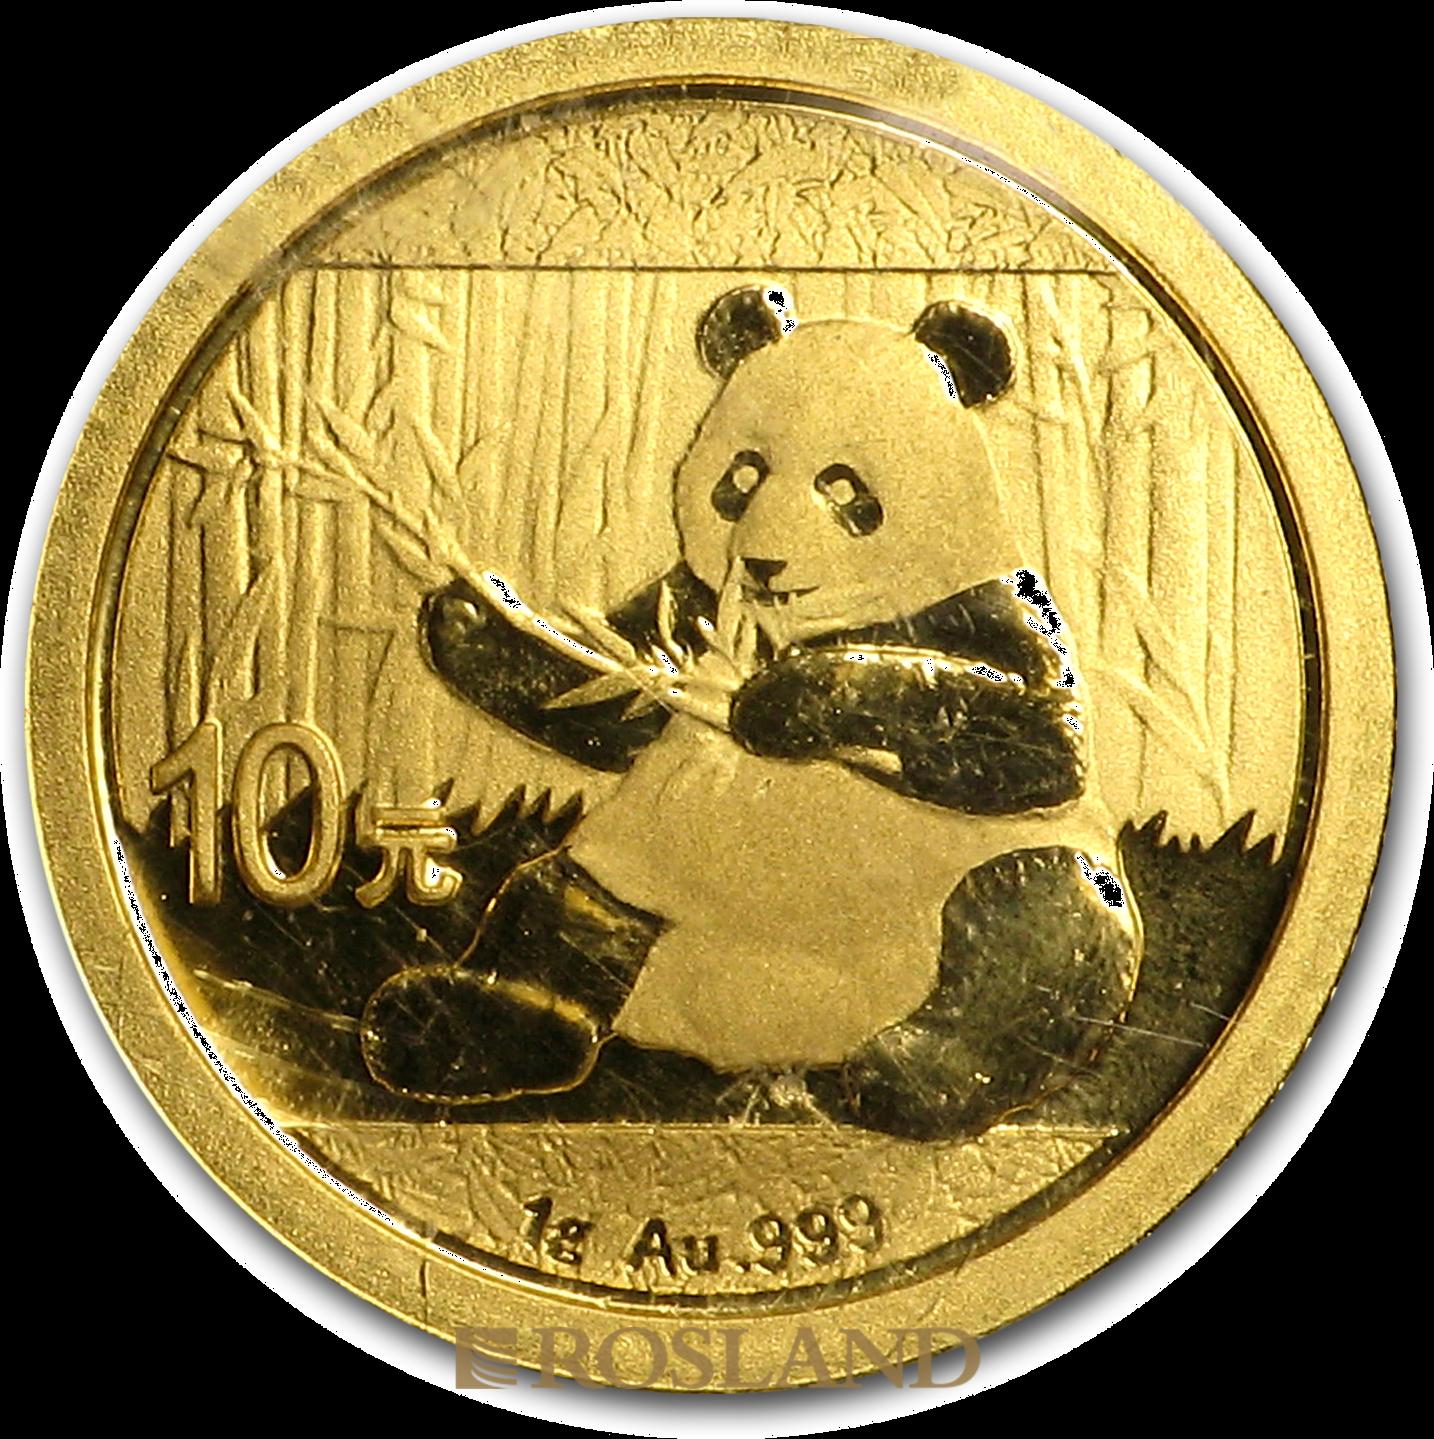 1 Gramm Goldmünze China Panda 2017